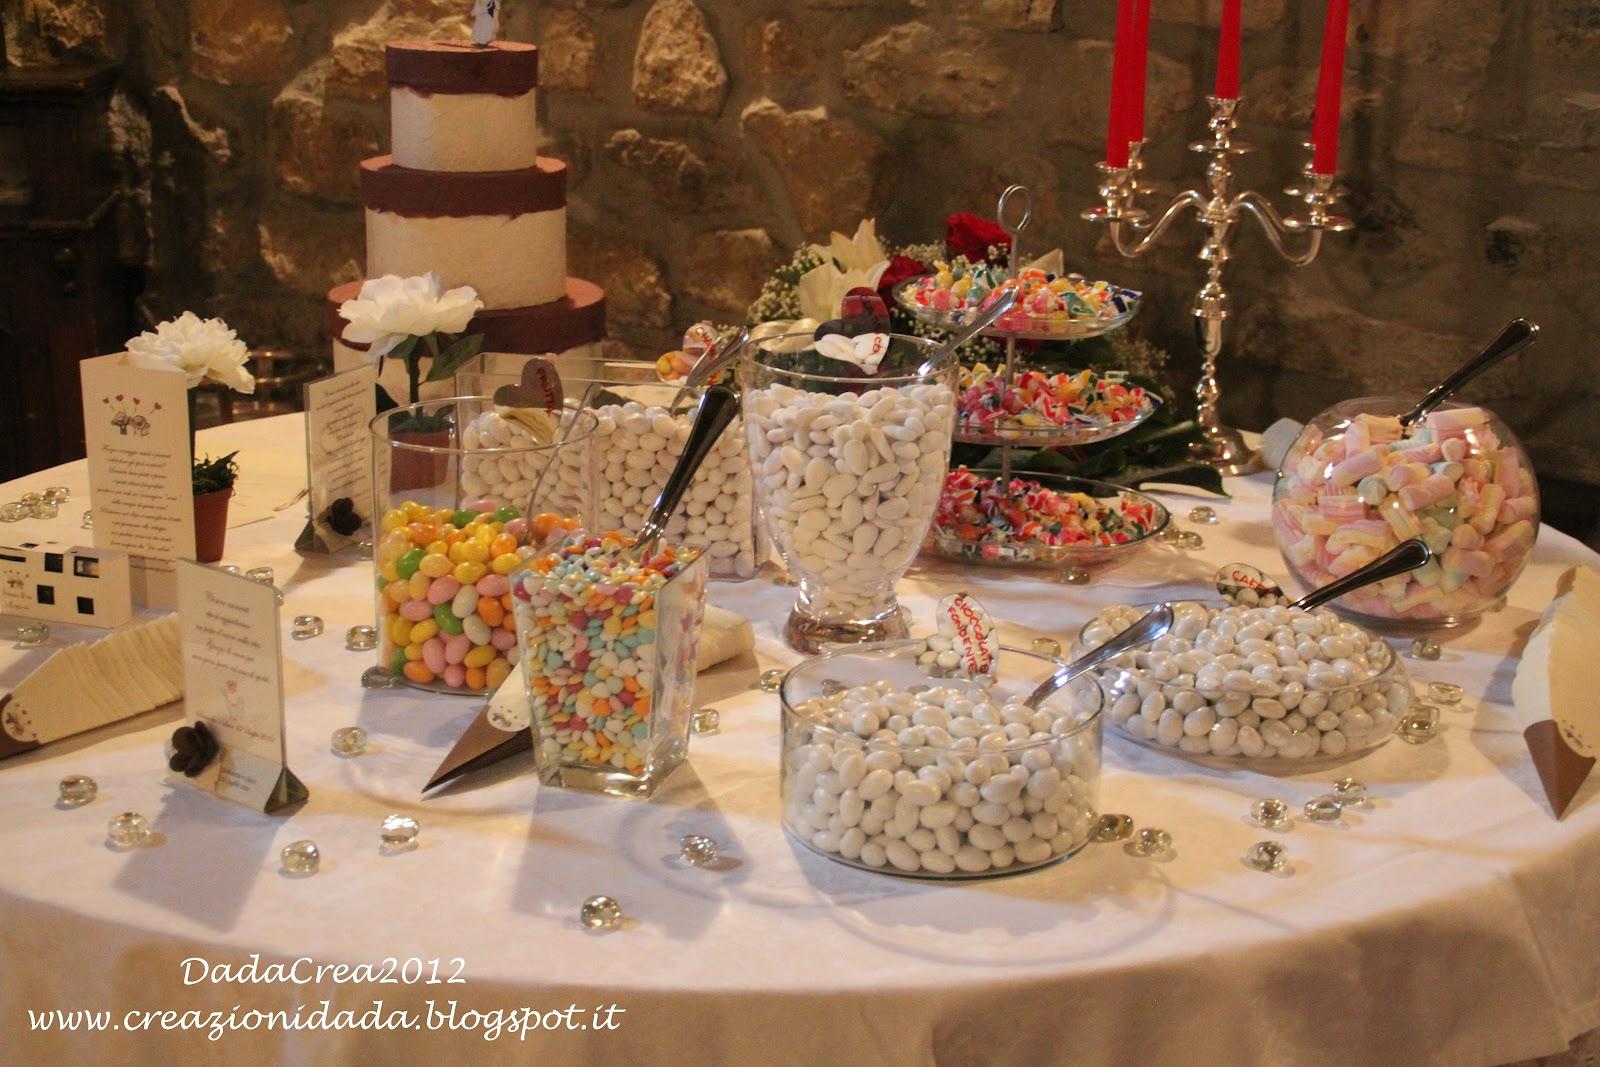 Creazionidada idee dal web per le nozze il ristorante - Allestimento casa della sposa ...